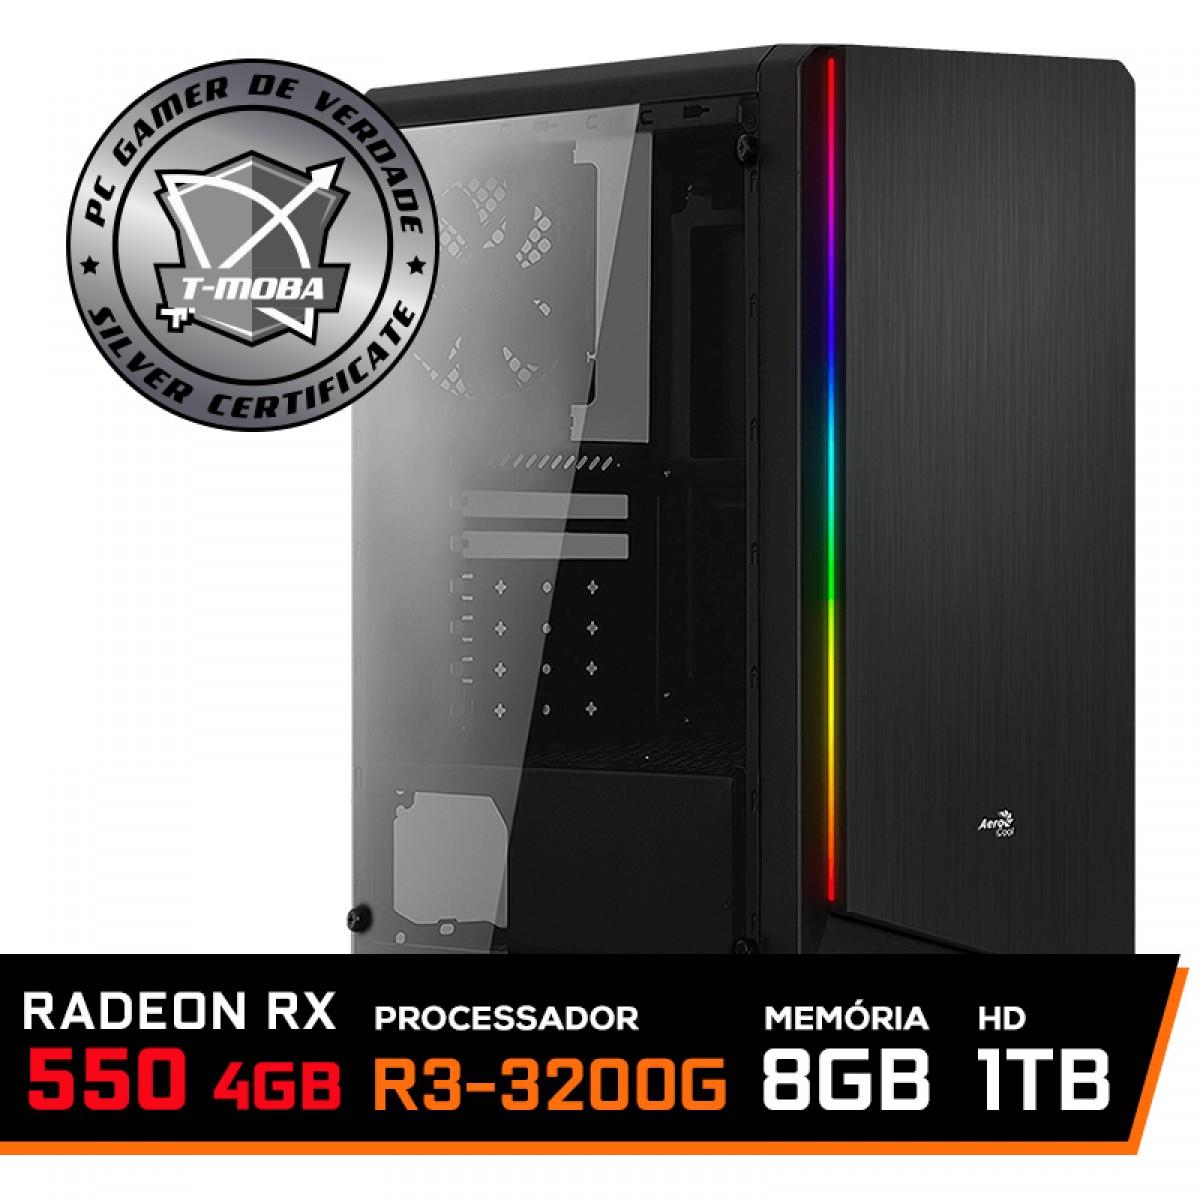 Pc Gamer T-Moba Super Dominator LVL-1 AMD Ryzen 3 3200G / Radeon Rx 550 4GB / DDR4 8GB / HD 1TB